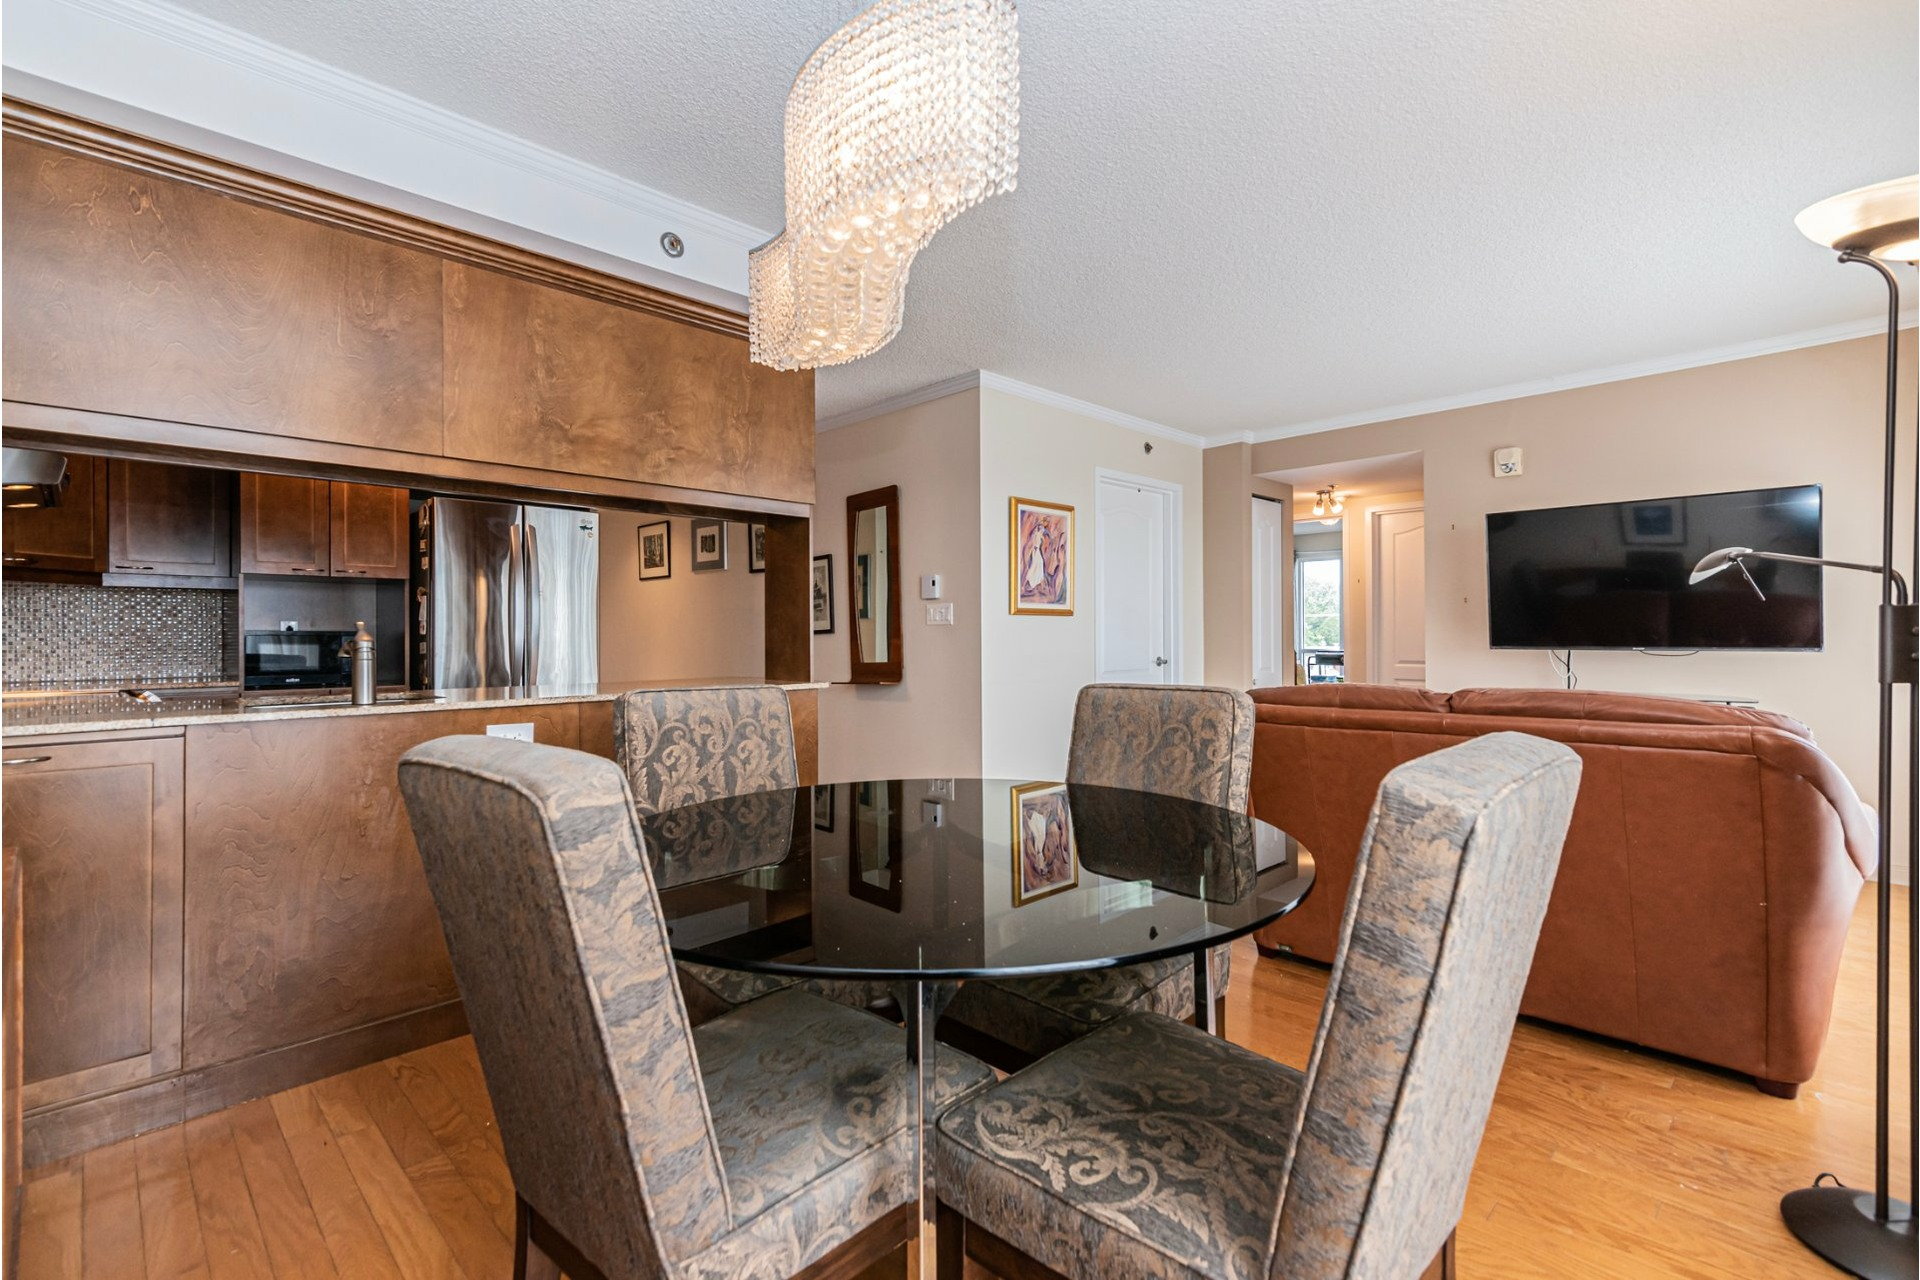 image 10 - Apartment For sale Lachine Montréal  - 7 rooms